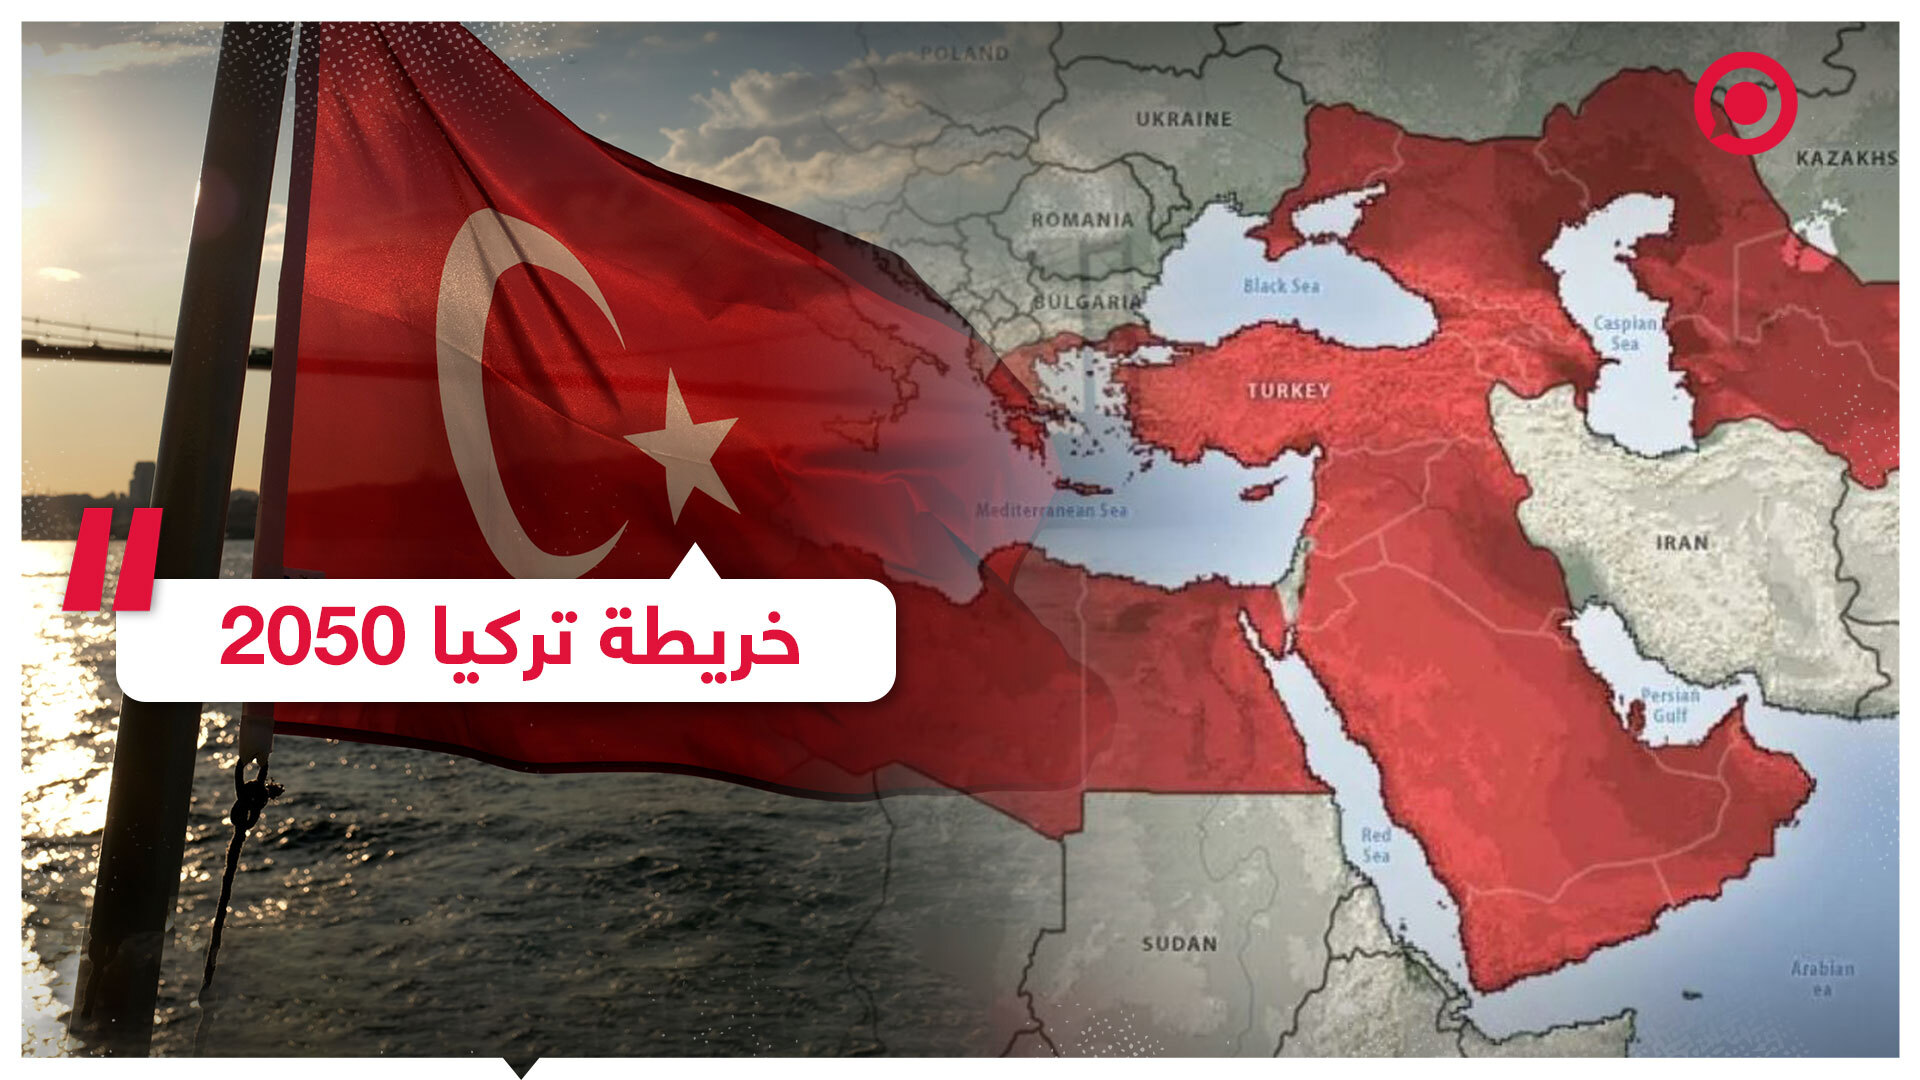 تلفزيون تركيا ينشر خريطة النفوذ التركي لعام 2050